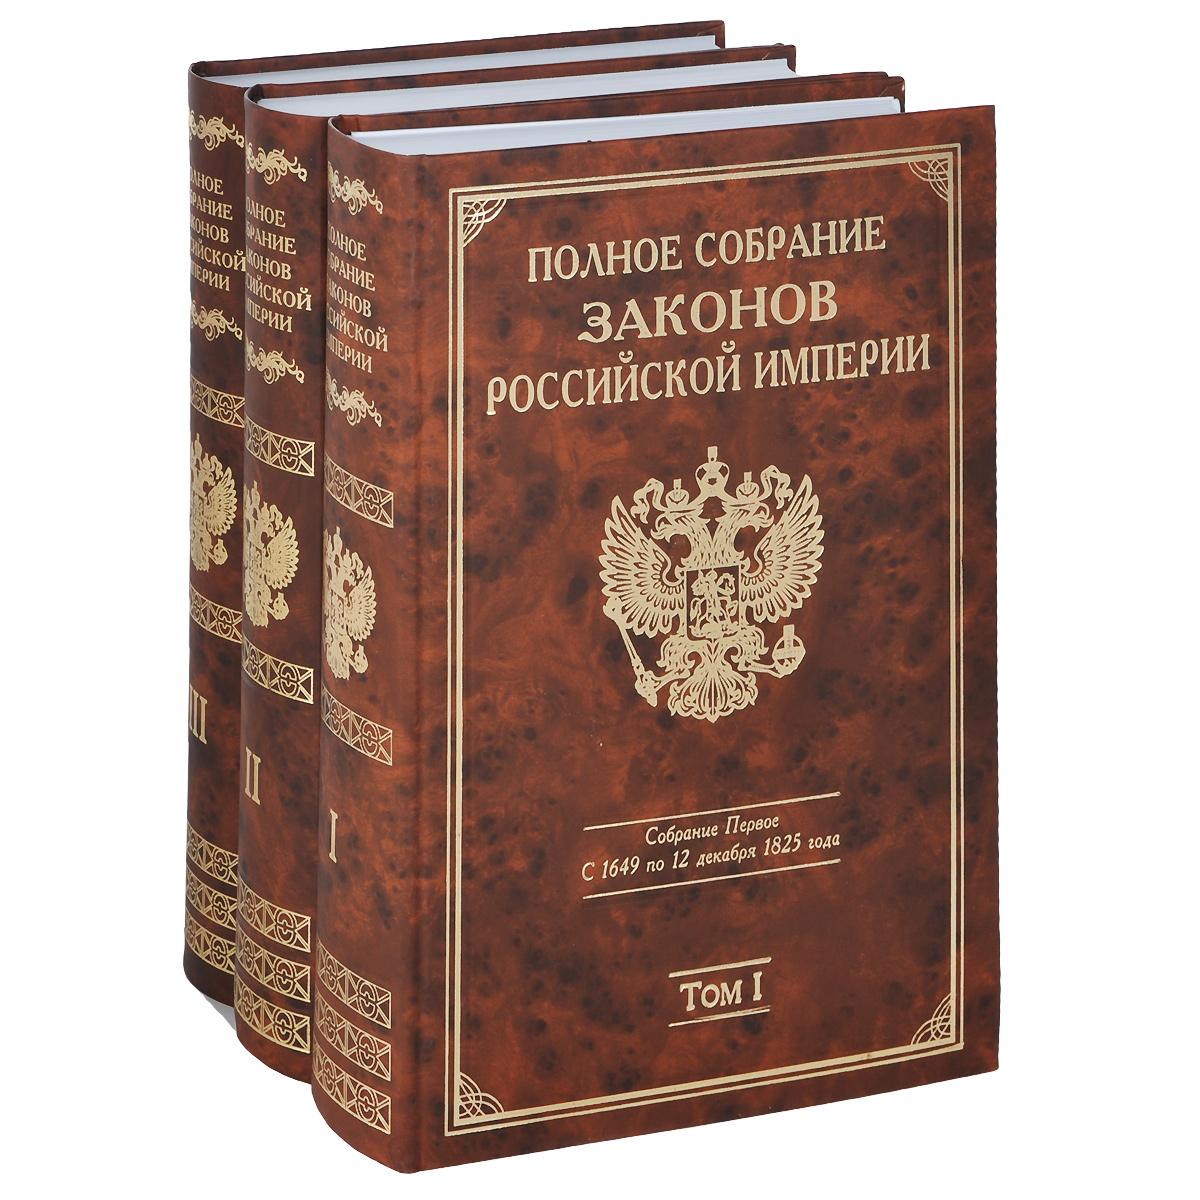 Полное Собрание законов Российской империи. Собрание Первое. С 1649 по 12 декабря 1825 г. (комплект из 3-х книг)